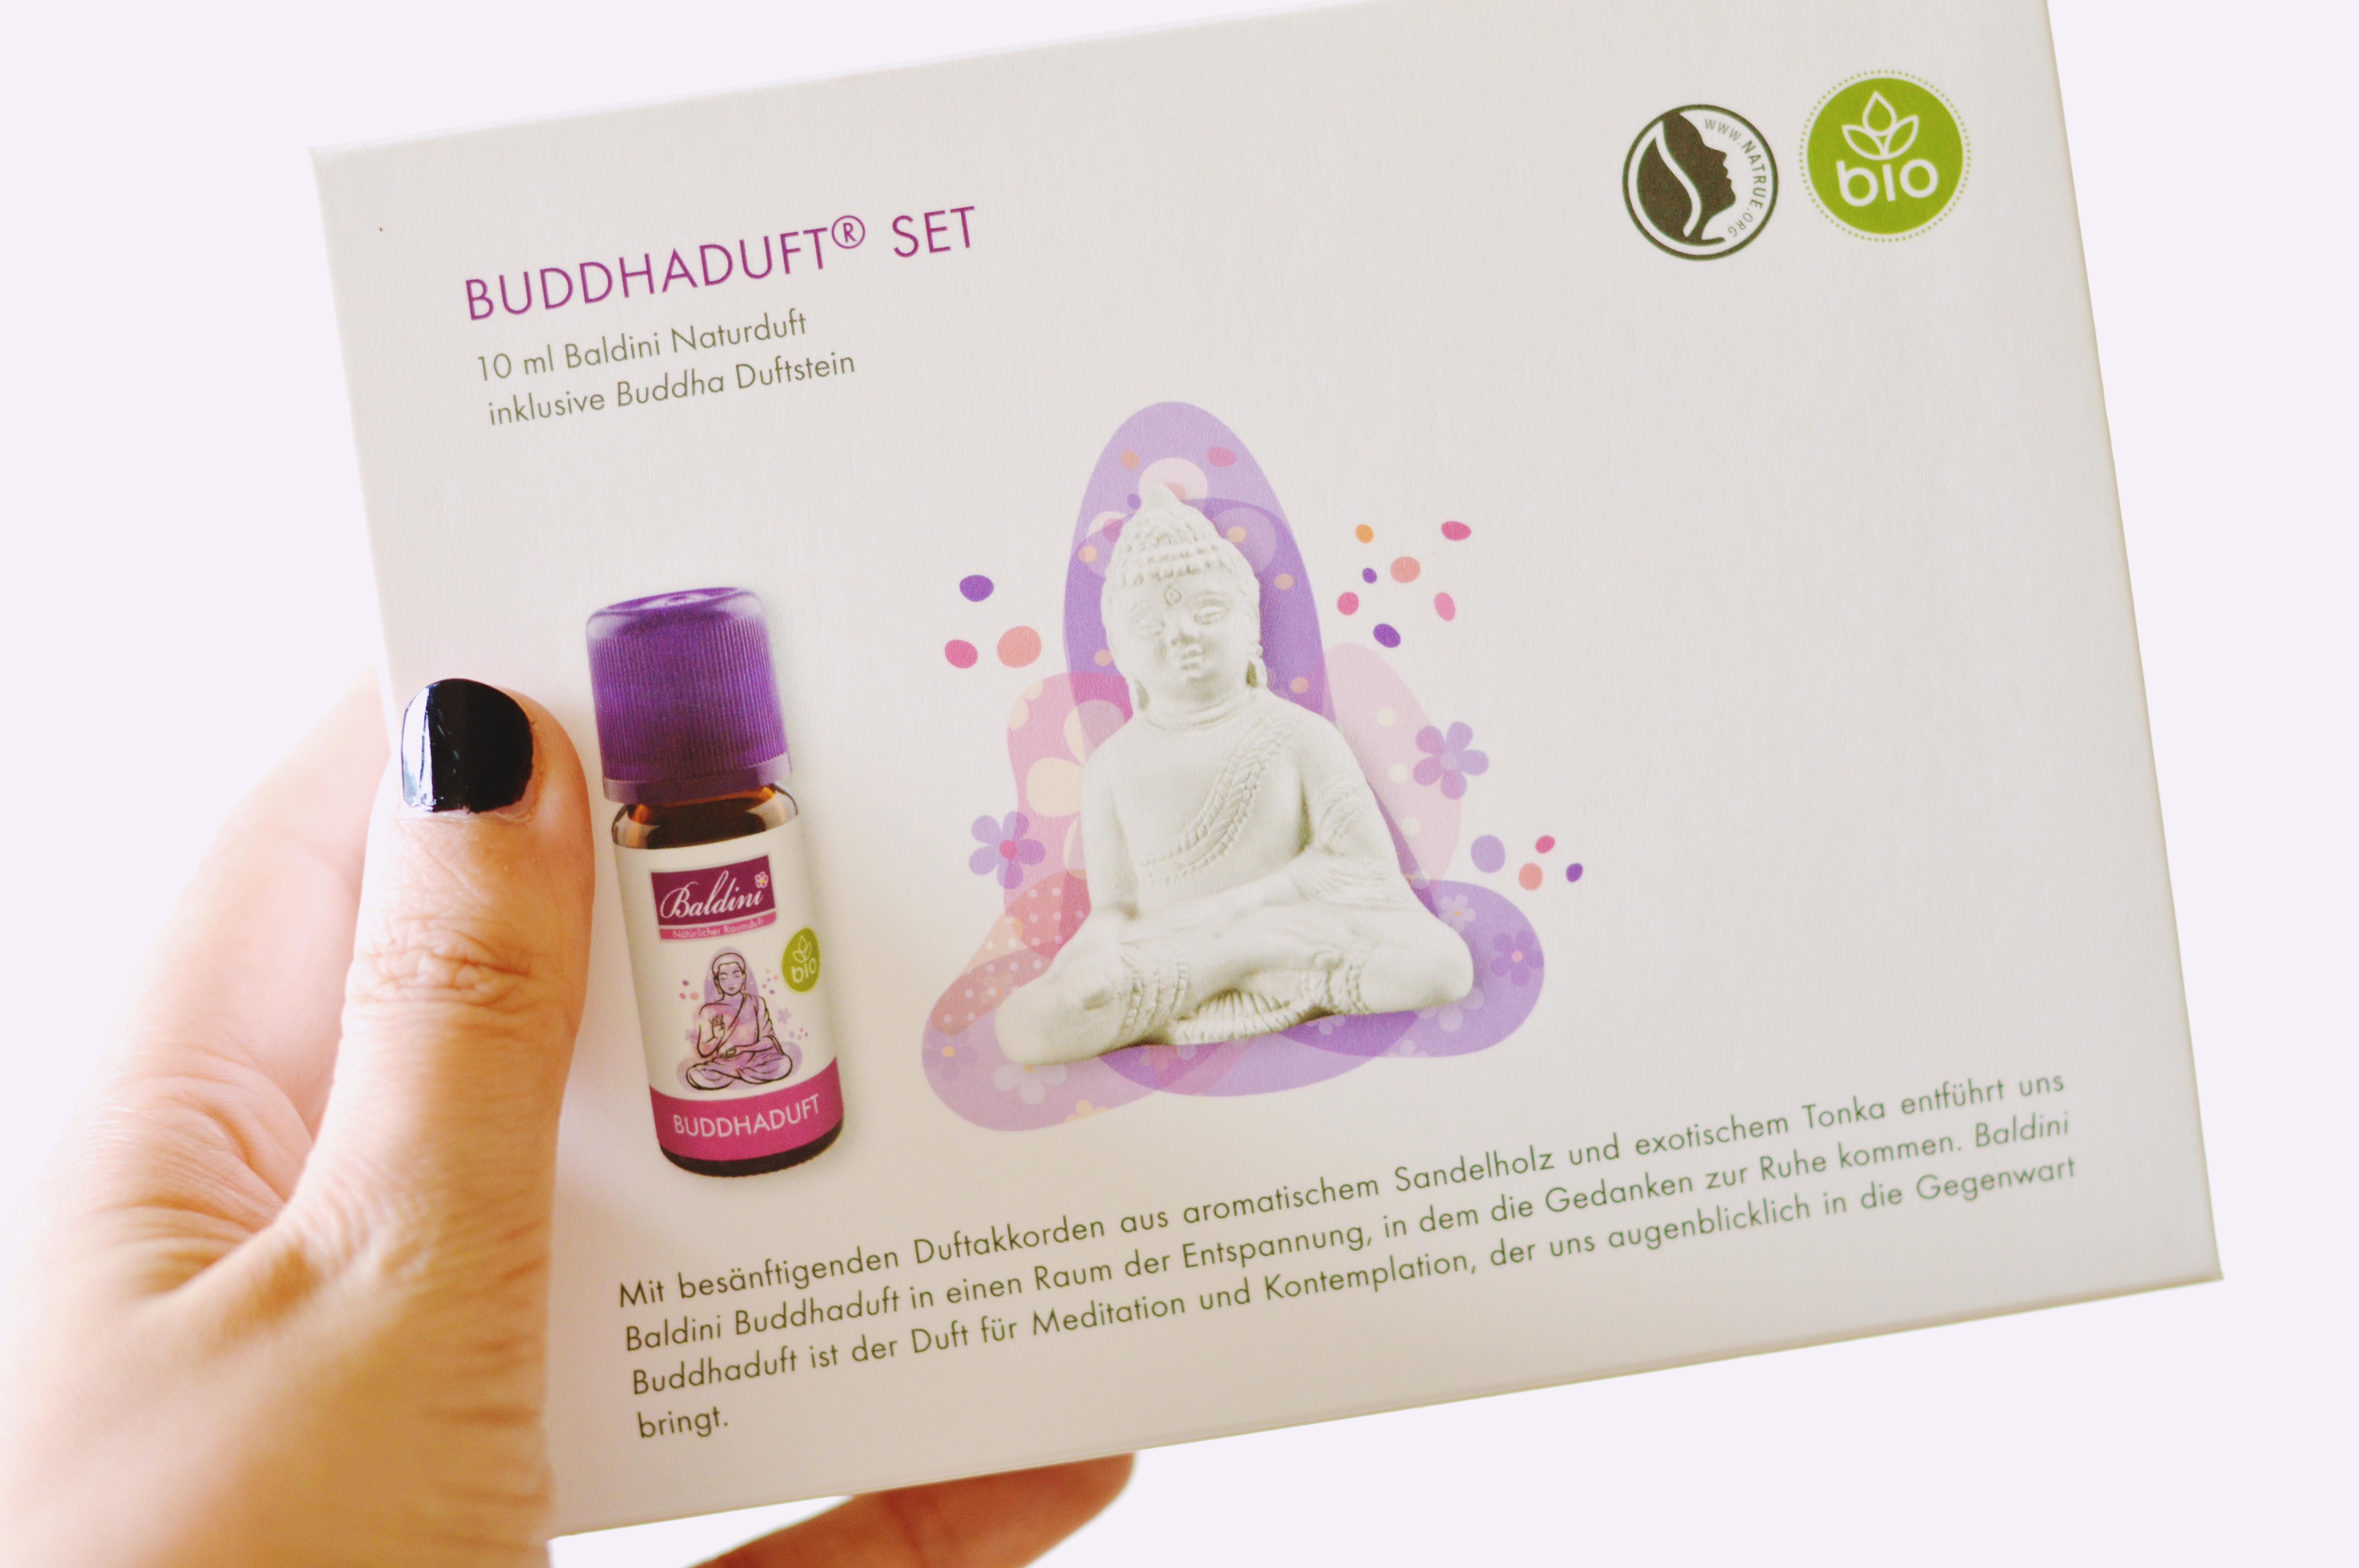 Baldini Buddha Duftöl